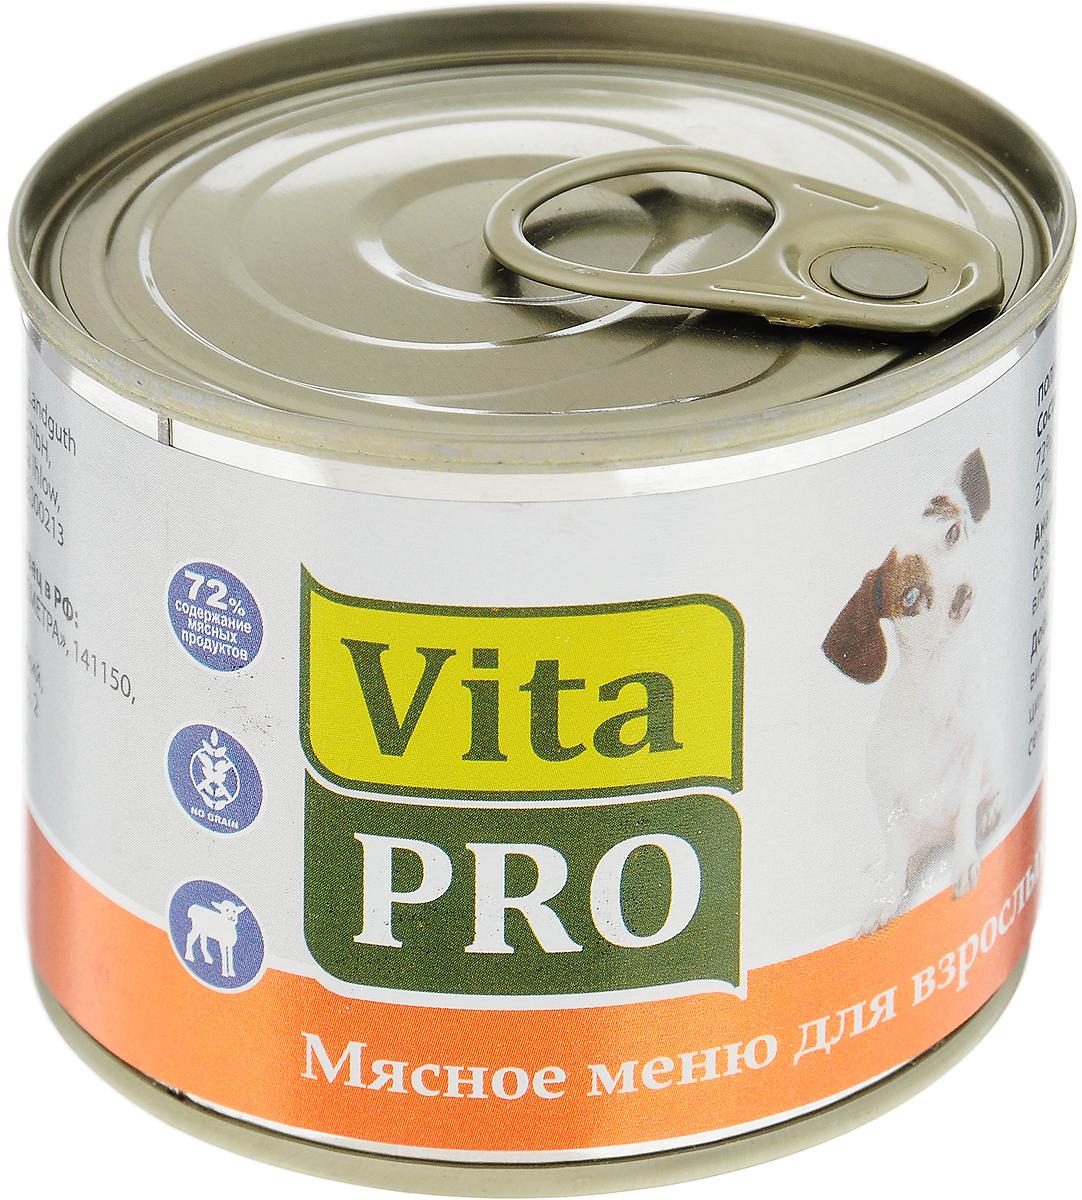 Консервы для собак Vita Pro Мясное меню, с ягненком, 200 г90006Консервы для собак Vita Pro Мясное меню - это консервы из натурального мяса без овощей и злаков с добавлением кальция для растущего организма. Консервы не содержат искусственных красителей и усилителей вкуса. Имеют крупнофаршевую текстуру.Товар сертифицирован.